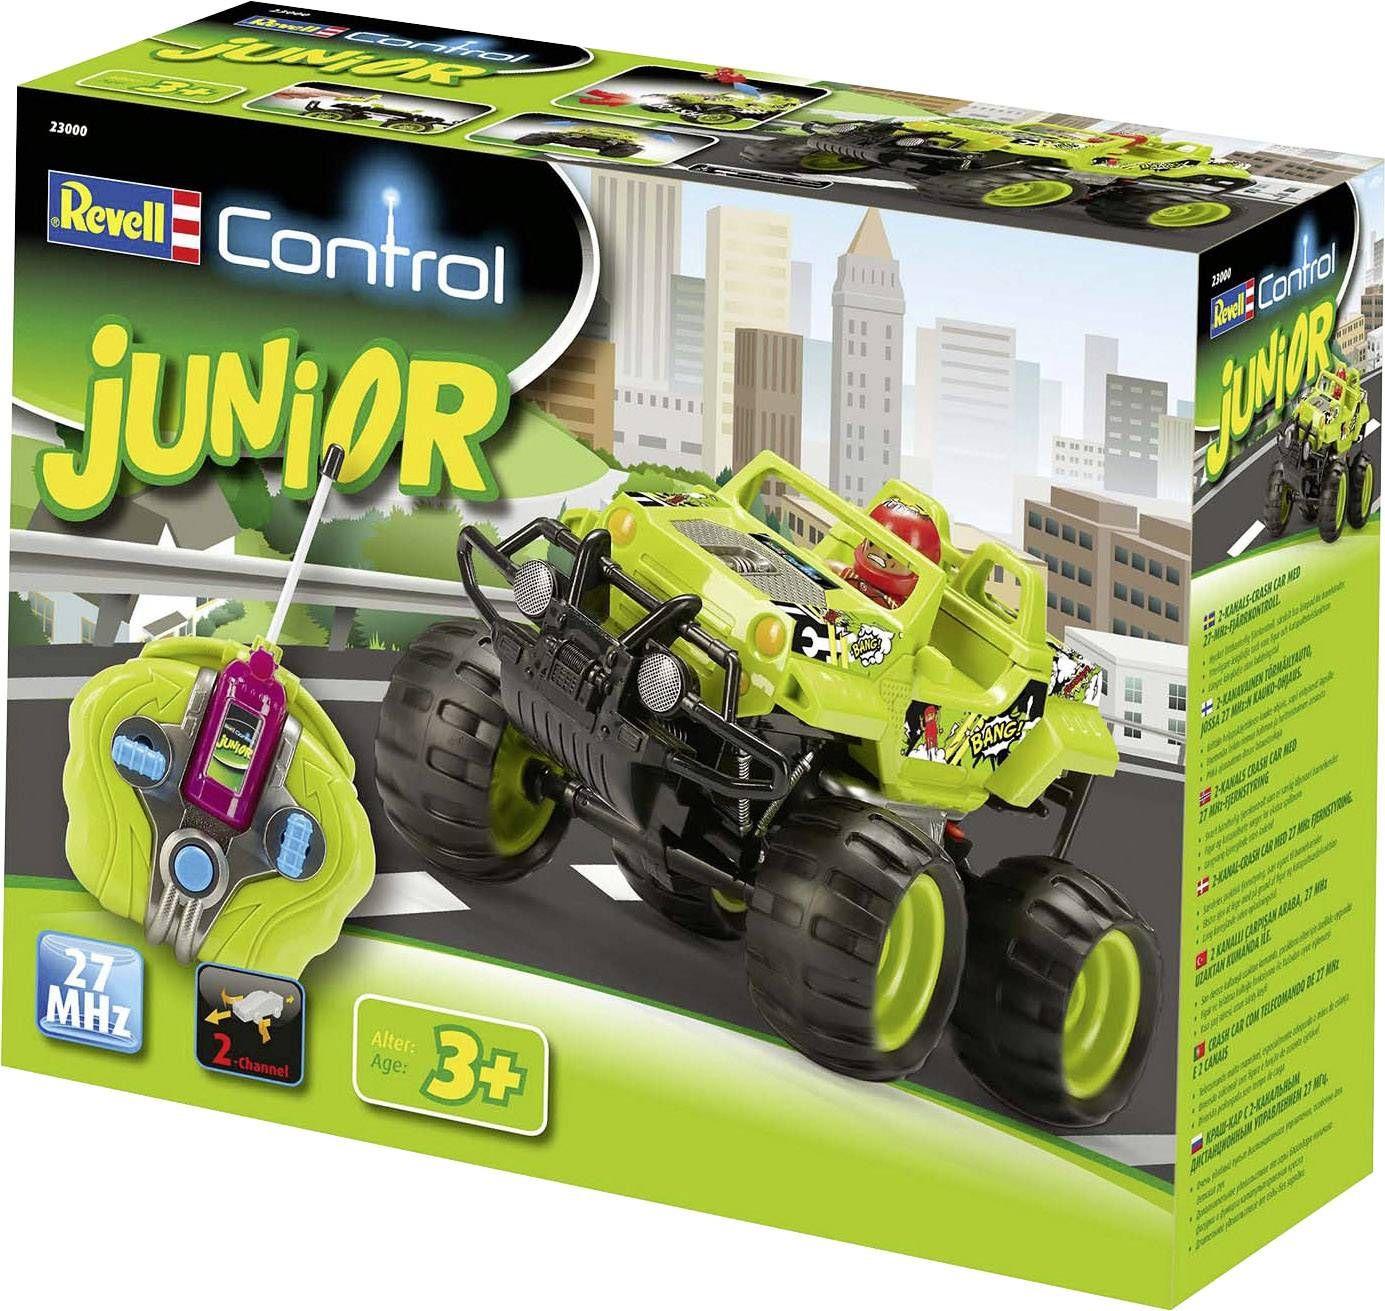 Радиоуправляем автомобил Revell Junior - Разбивач - 6